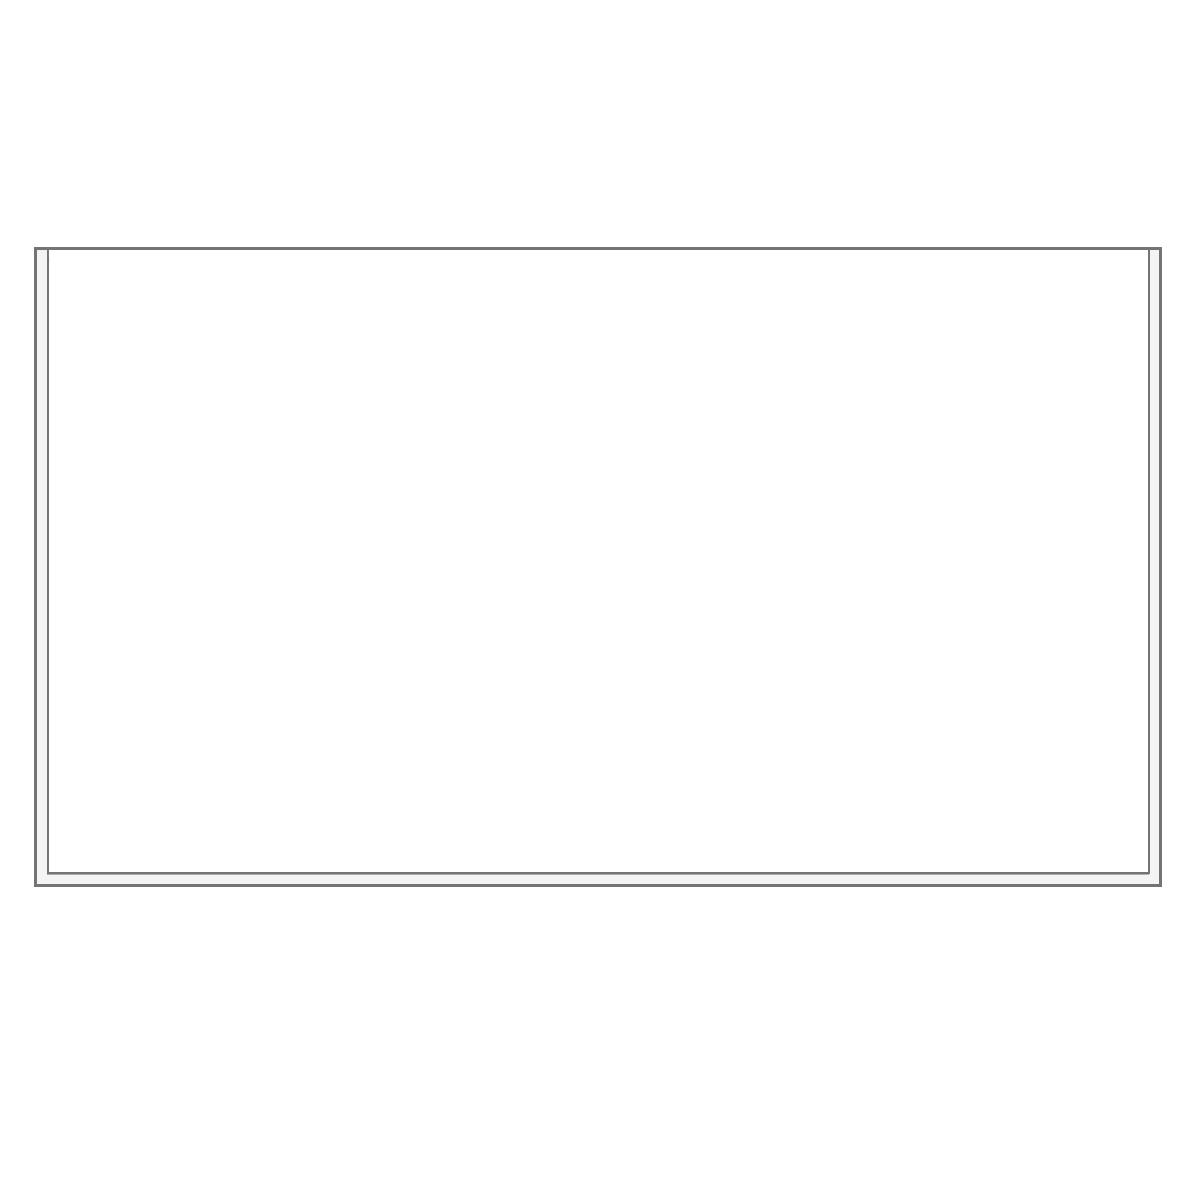 Защитный лист-обложка Basic 210 для банкноты. Leuchtturm. 341222 (10 листов в упаковке)341222Характеристики: Размер листа: 21 см х 12,7 см Размер ячейки: 20,4 см x 12,3 см Количество листов в упаковке: 10